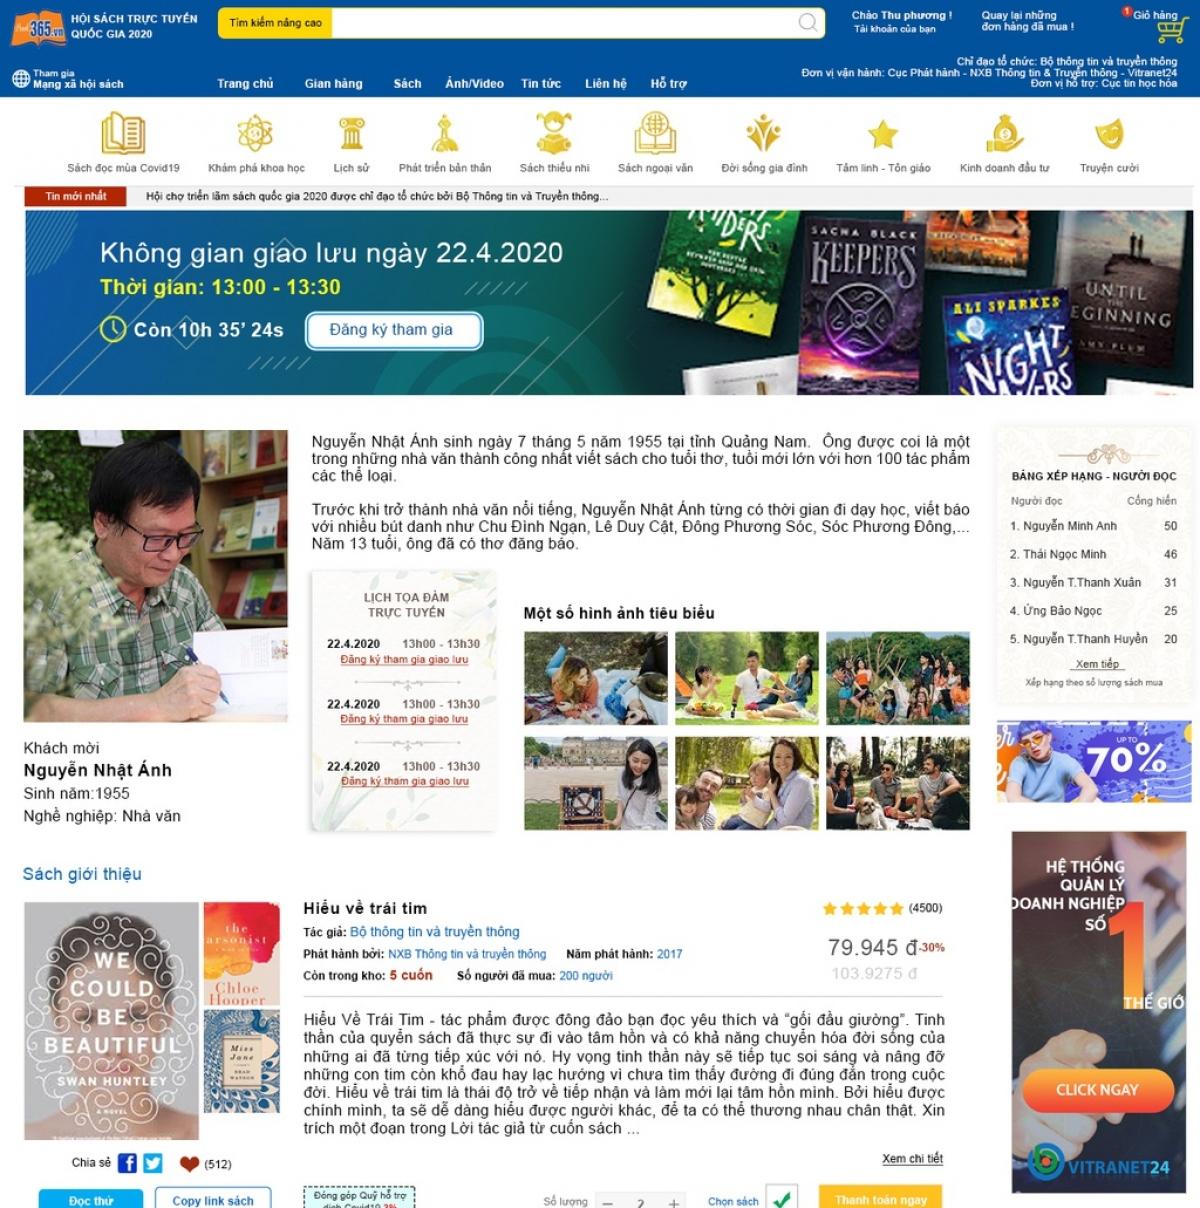 Chương trình giao luu tại Hội sách online 2020.jpg